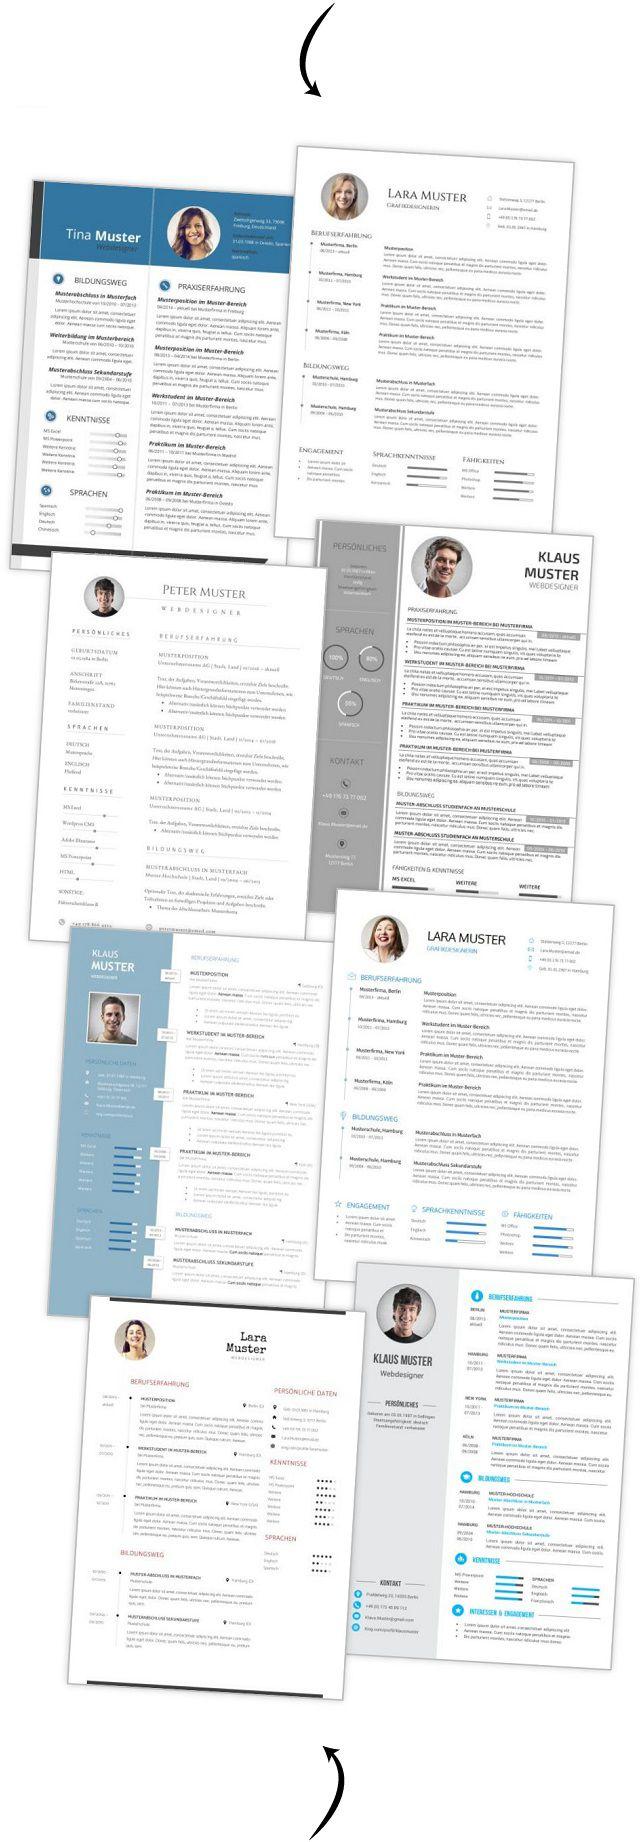 Bewerbungsvorlagen – 77 Muster für die Bewerbung 2018 | LD